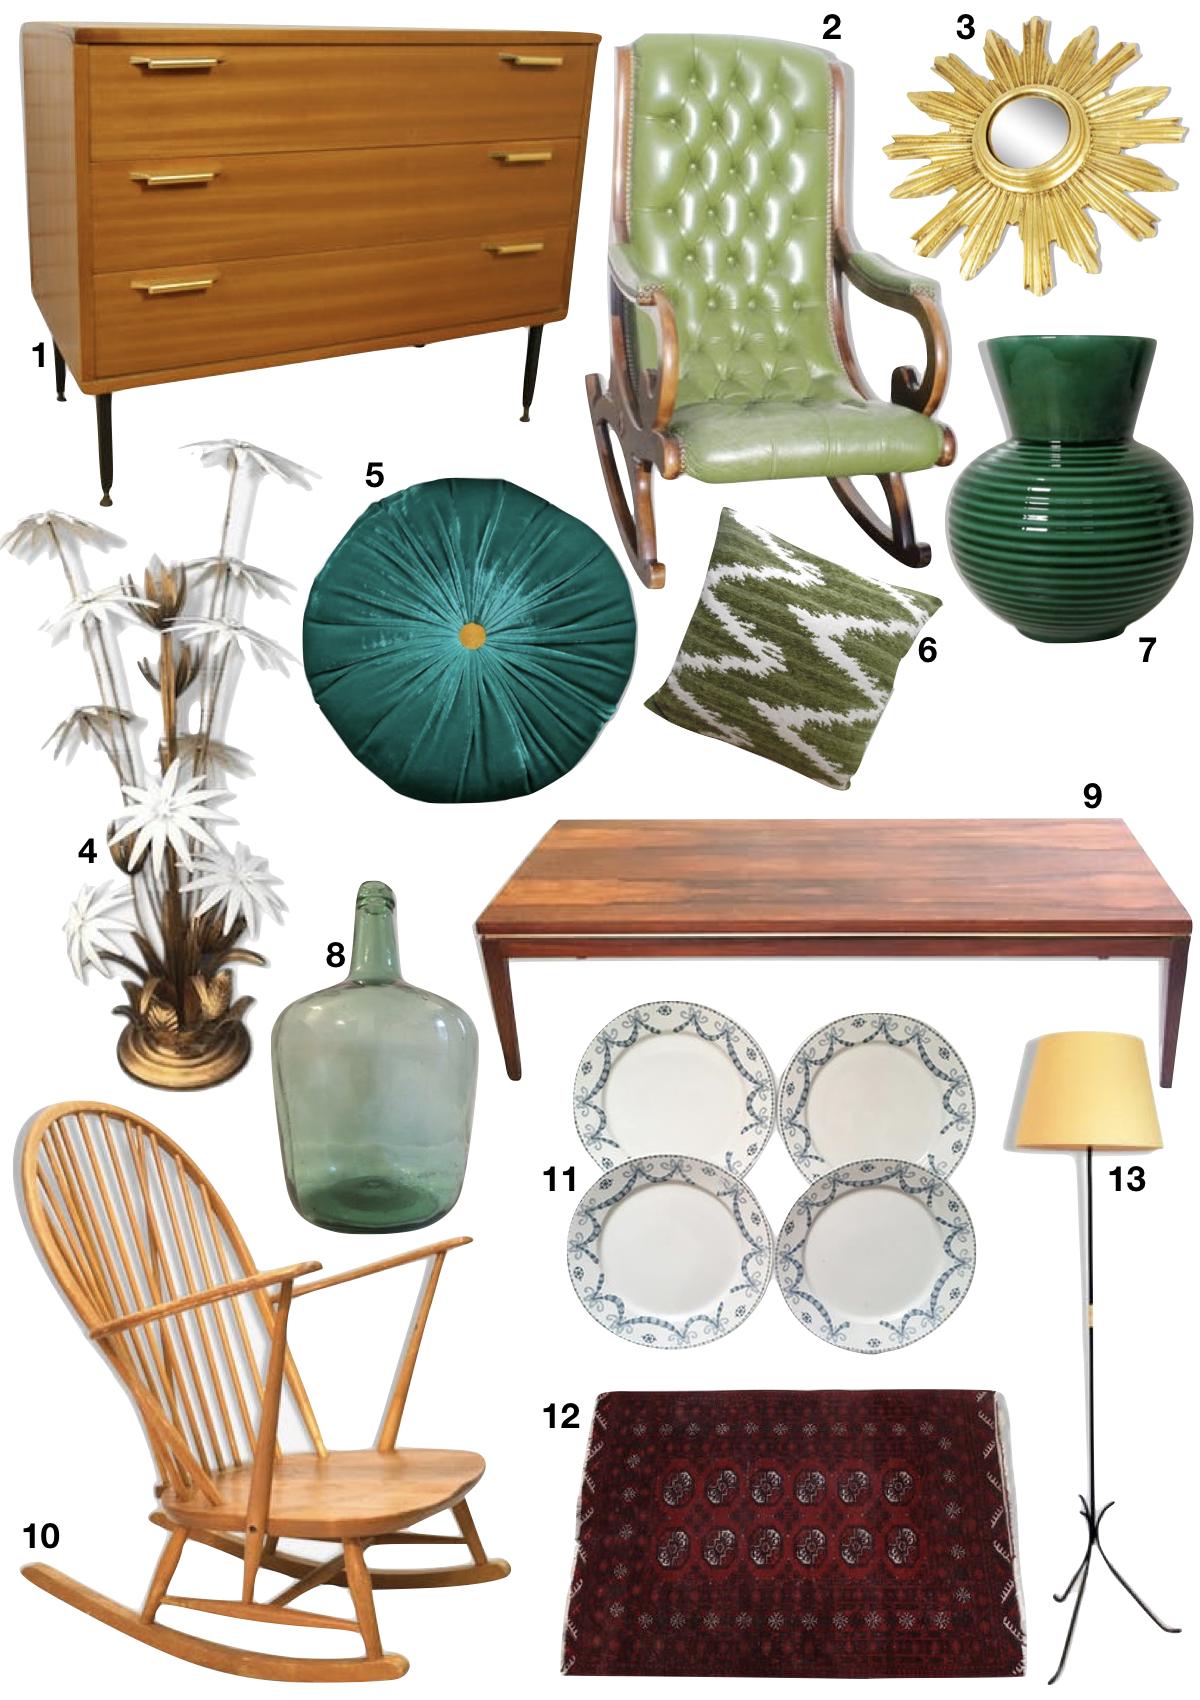 différence entre rétro et vintage en décoration shopping liste objets anciens - blog déco - clem around the corner